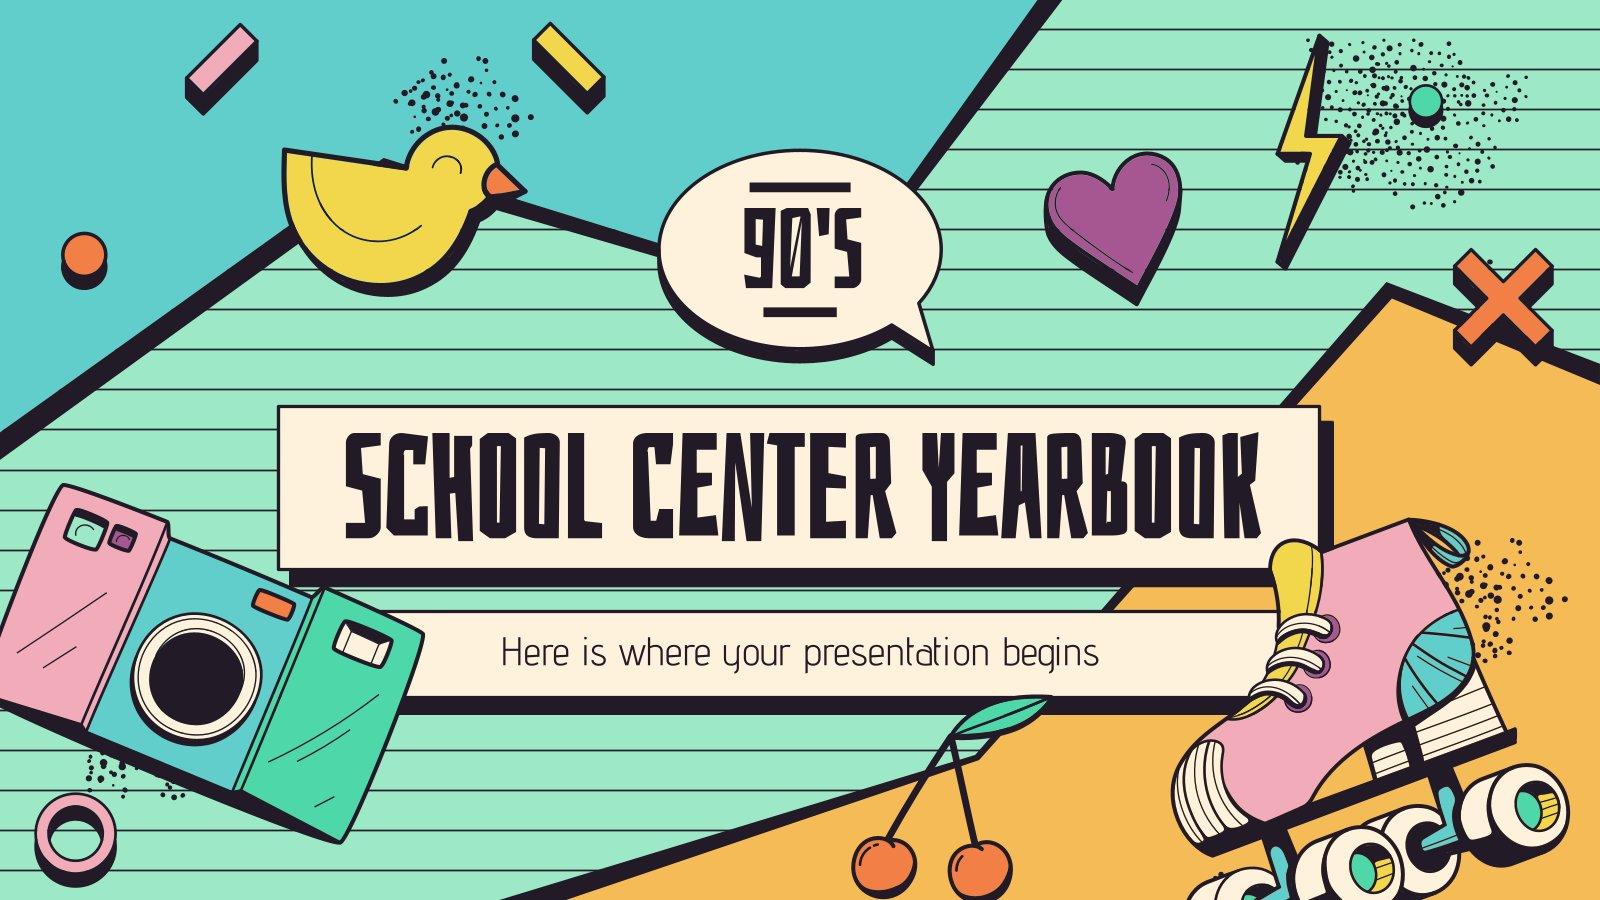 90er Jahre Jahrbuch Präsentationsvorlage